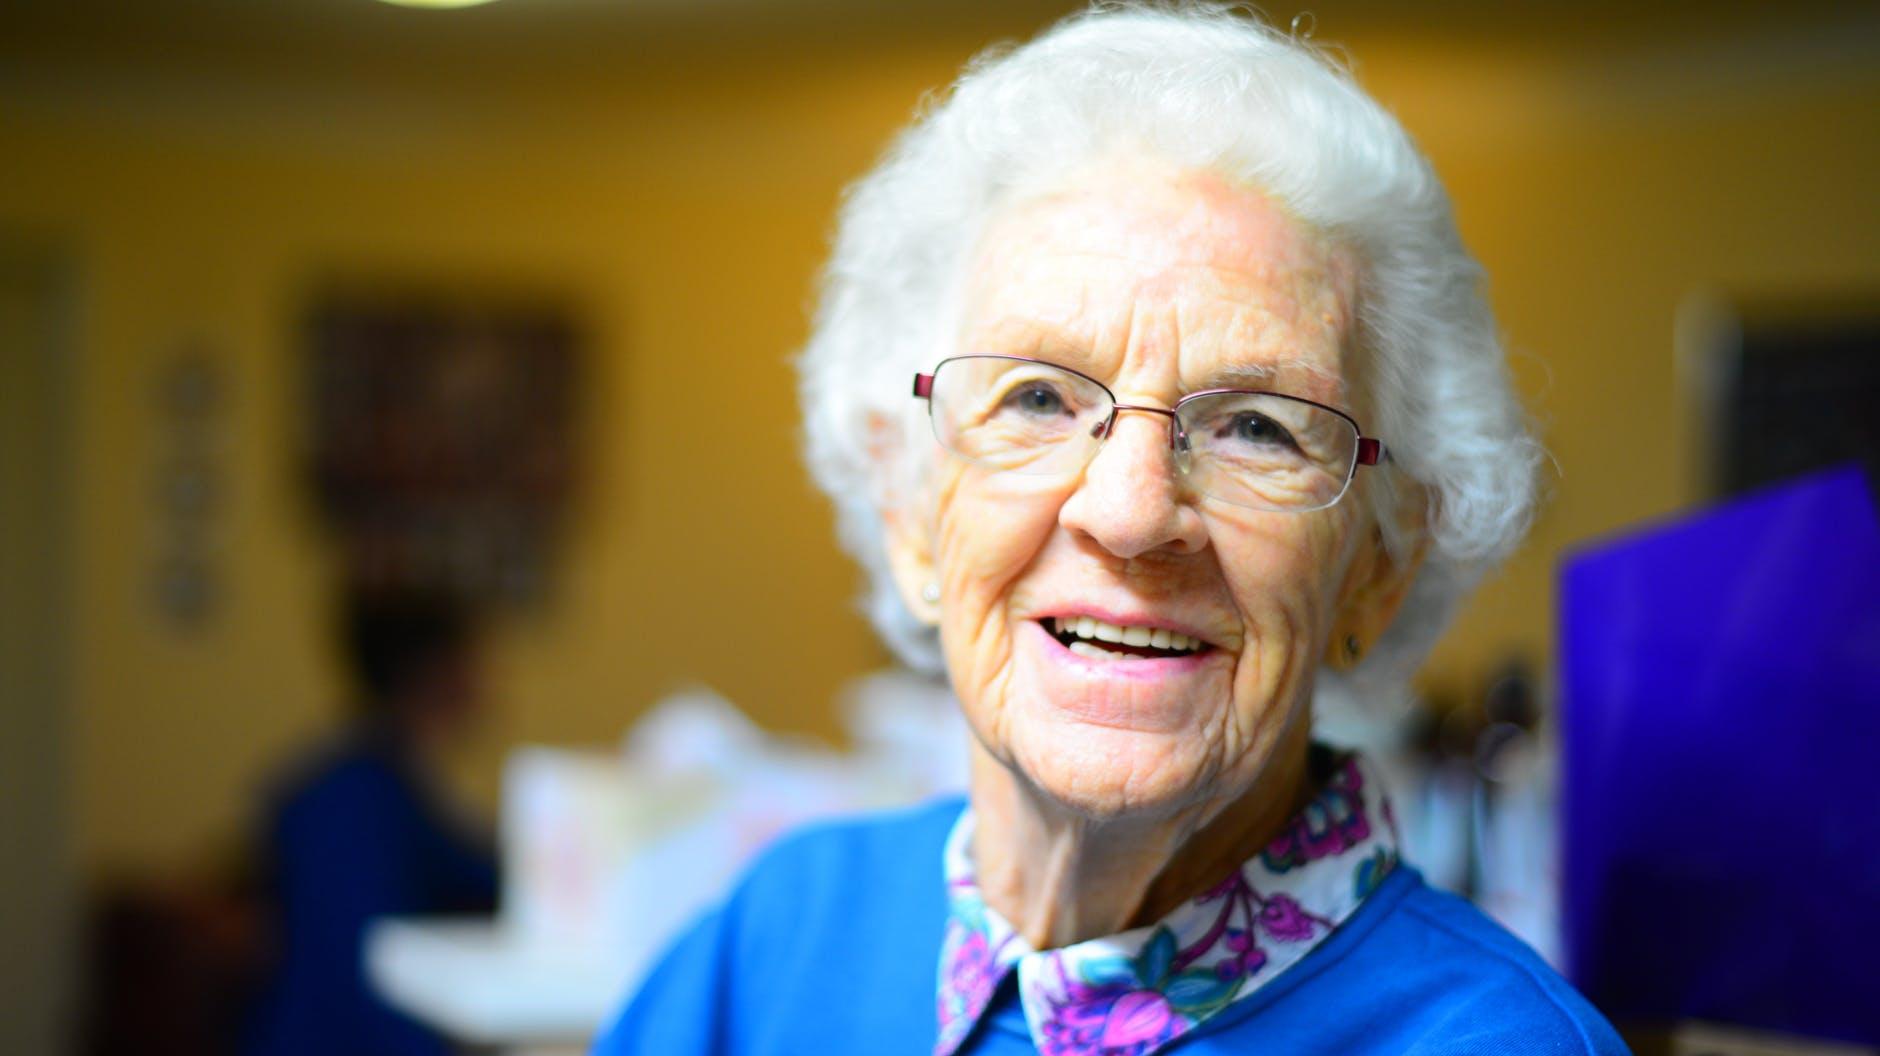 Elder Care Companion